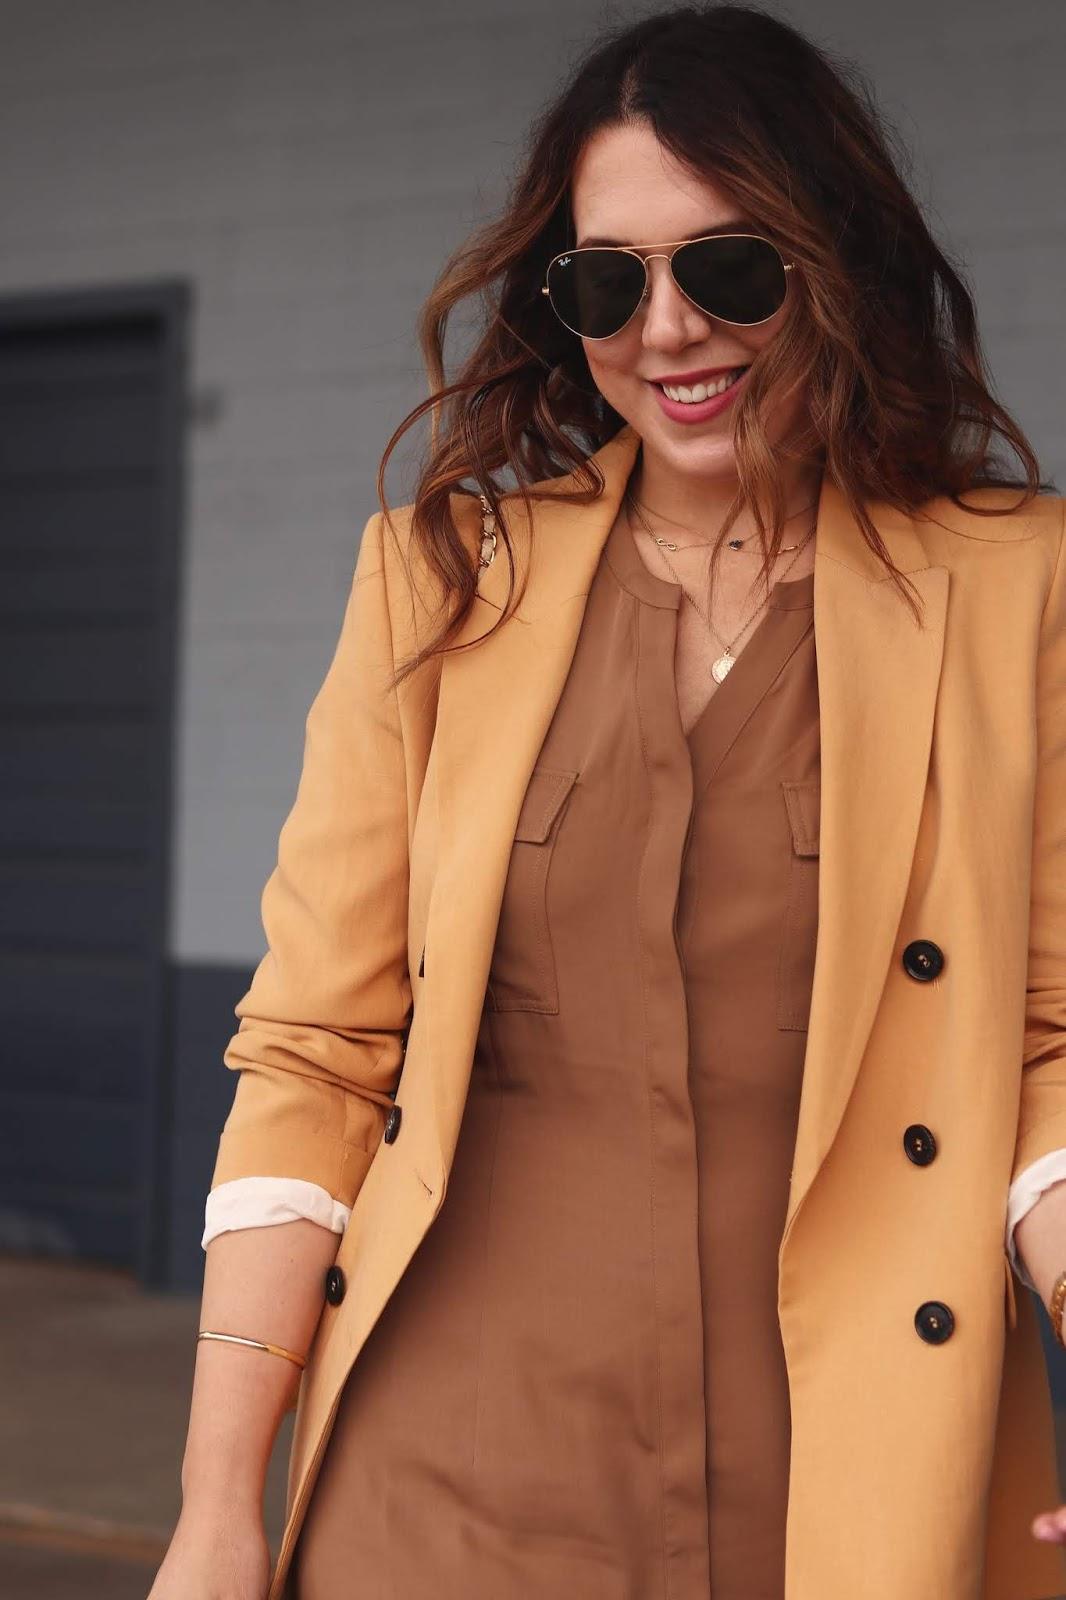 Le Chateau maxi dress and blazer outfit aleesha harris